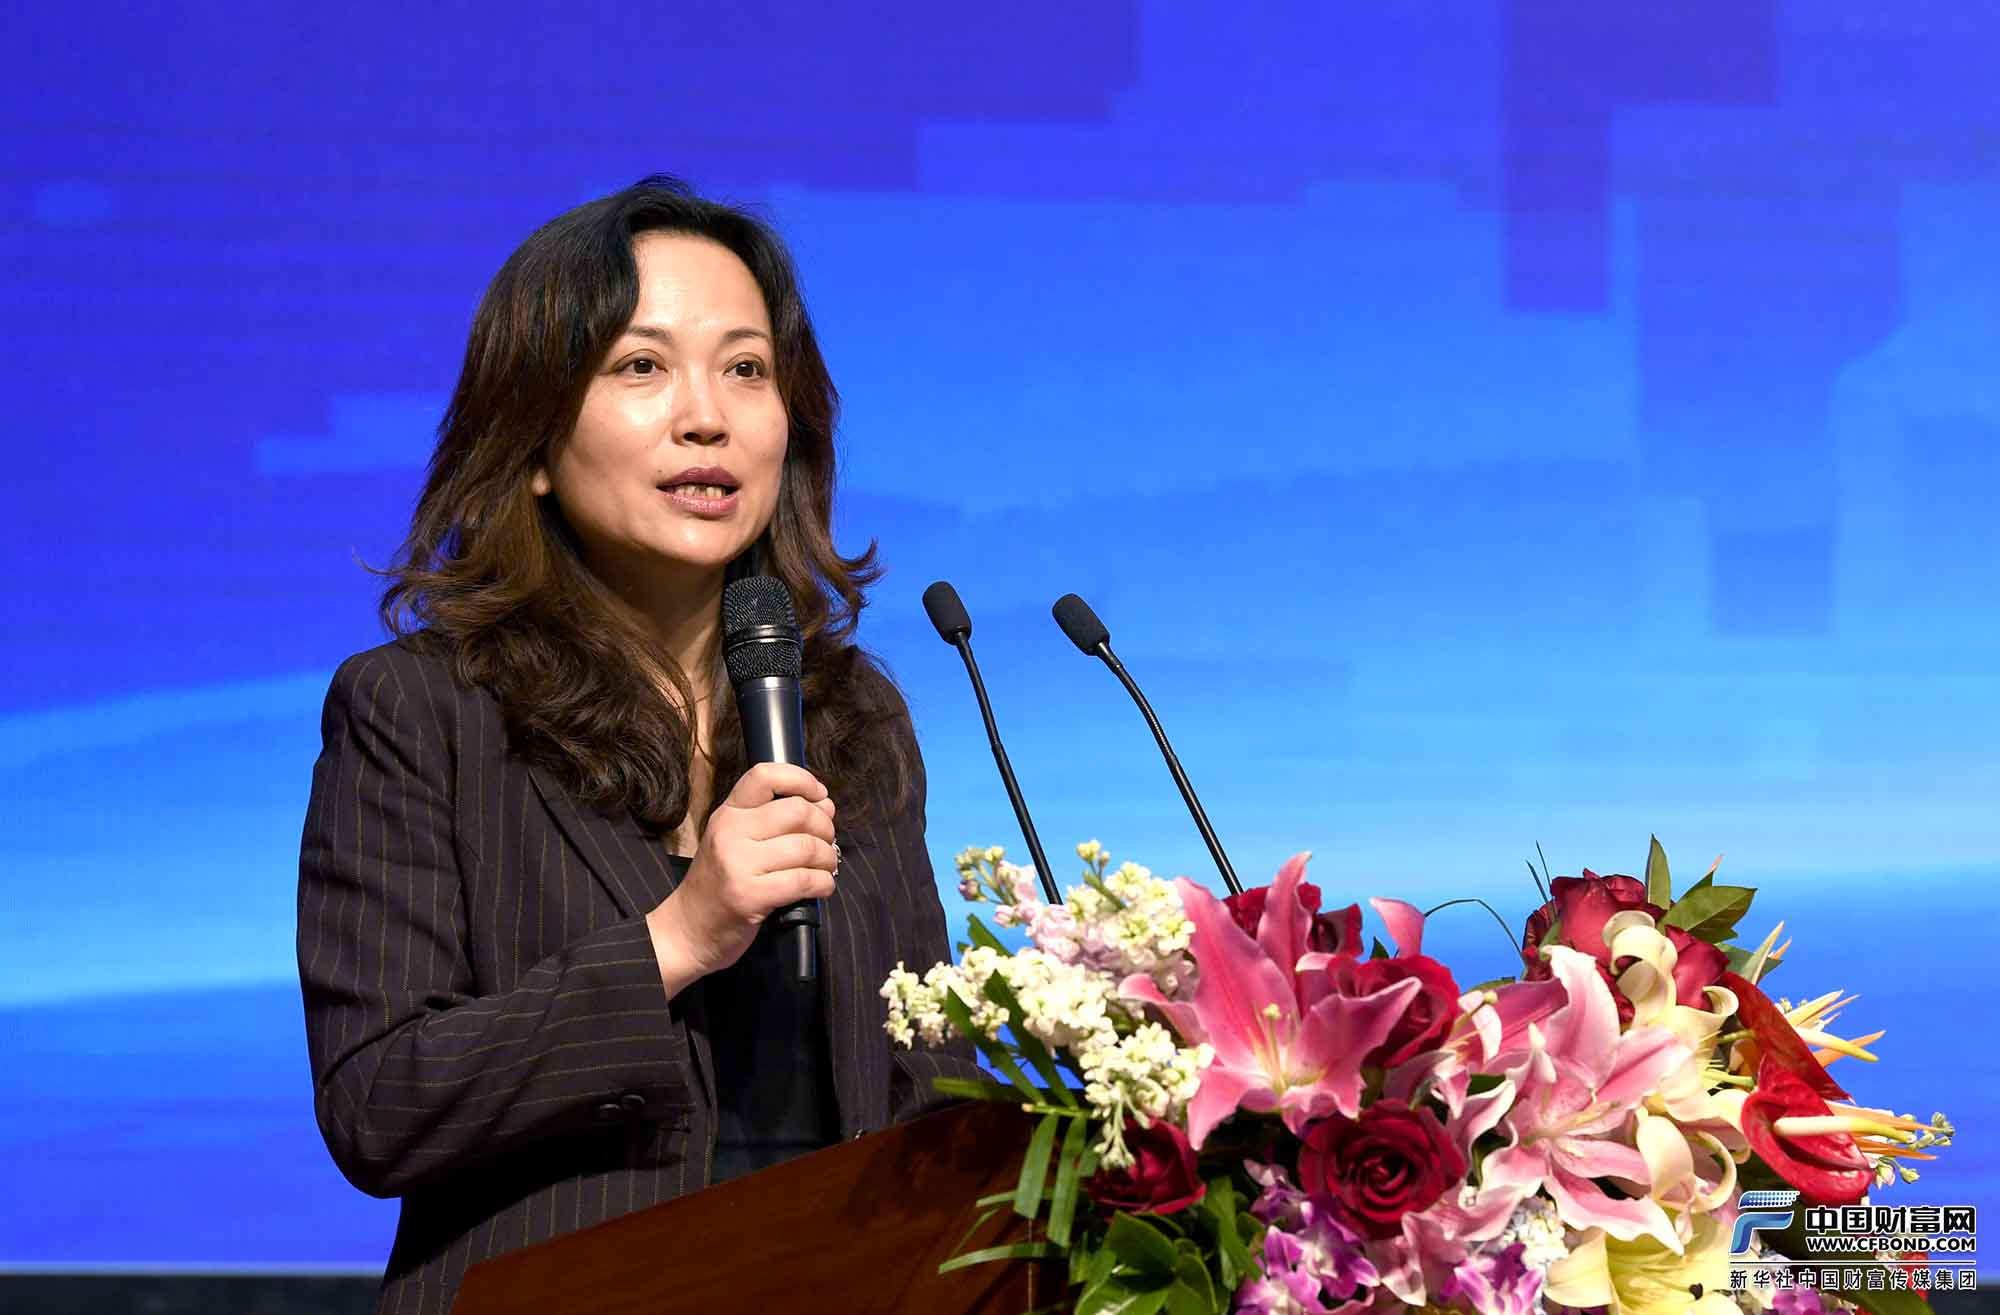 主持人:中国融资担保业协会党委委员、副秘书长杨紫华